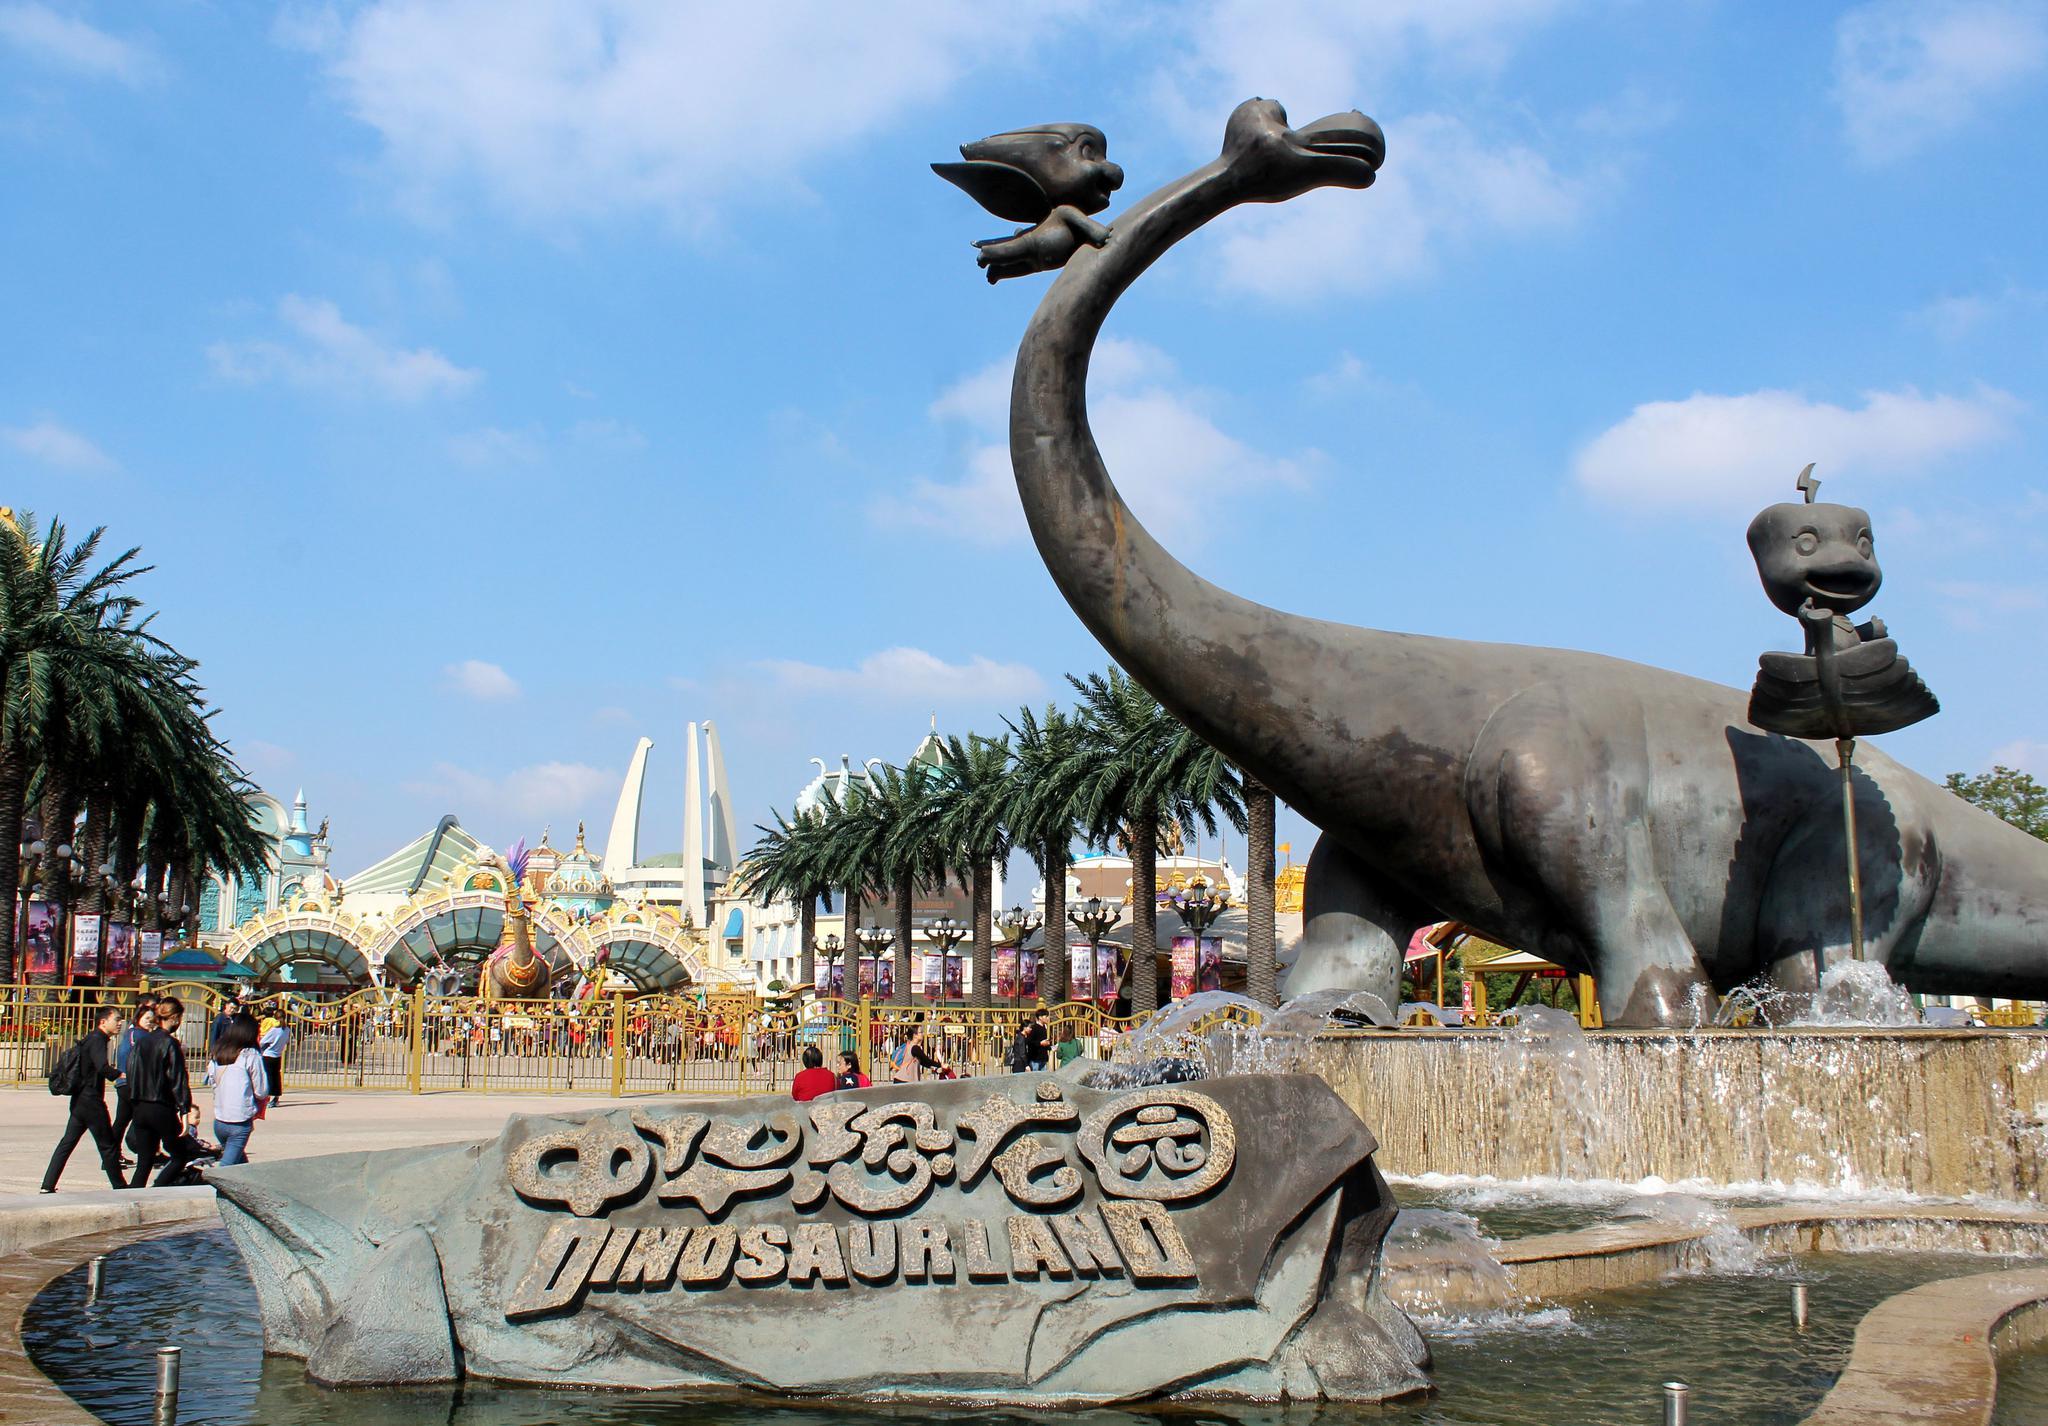 中华恐龙园:恐龙主题占优势,主打模块化发展